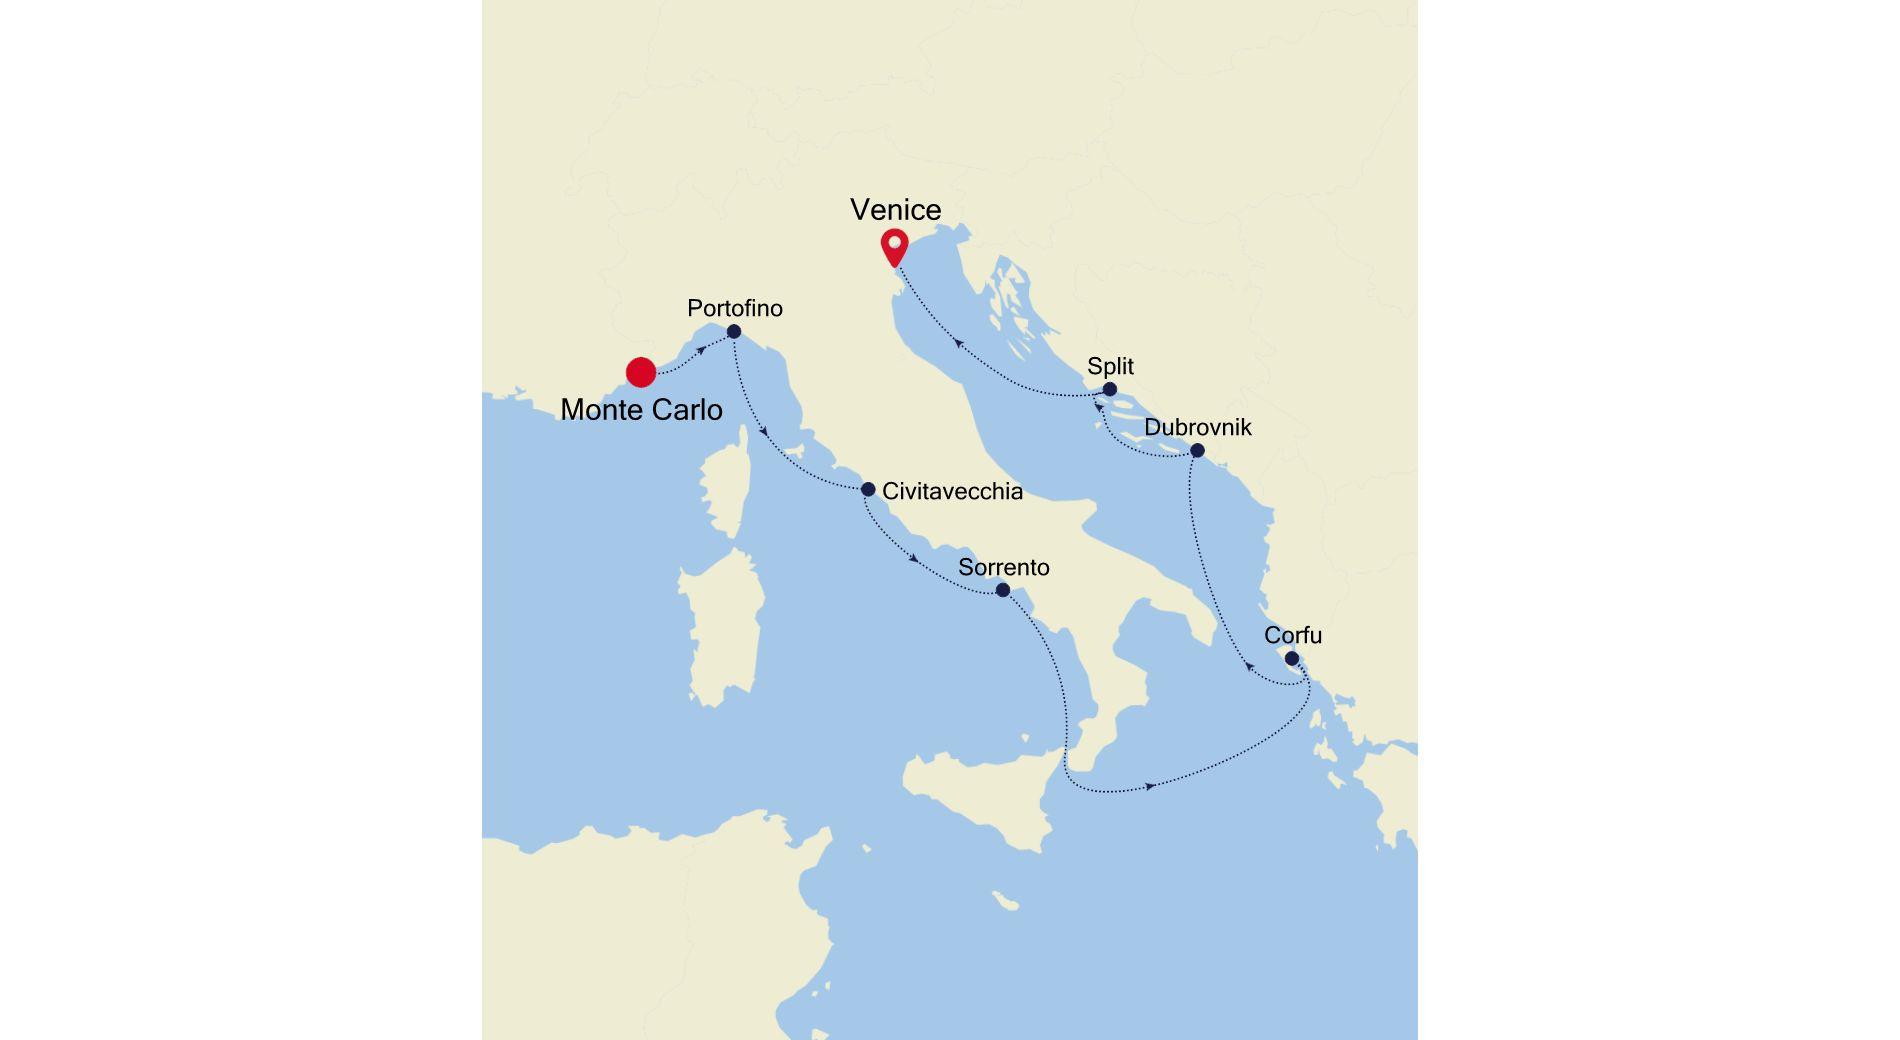 WH200810009 - Monte Carlo to Venice